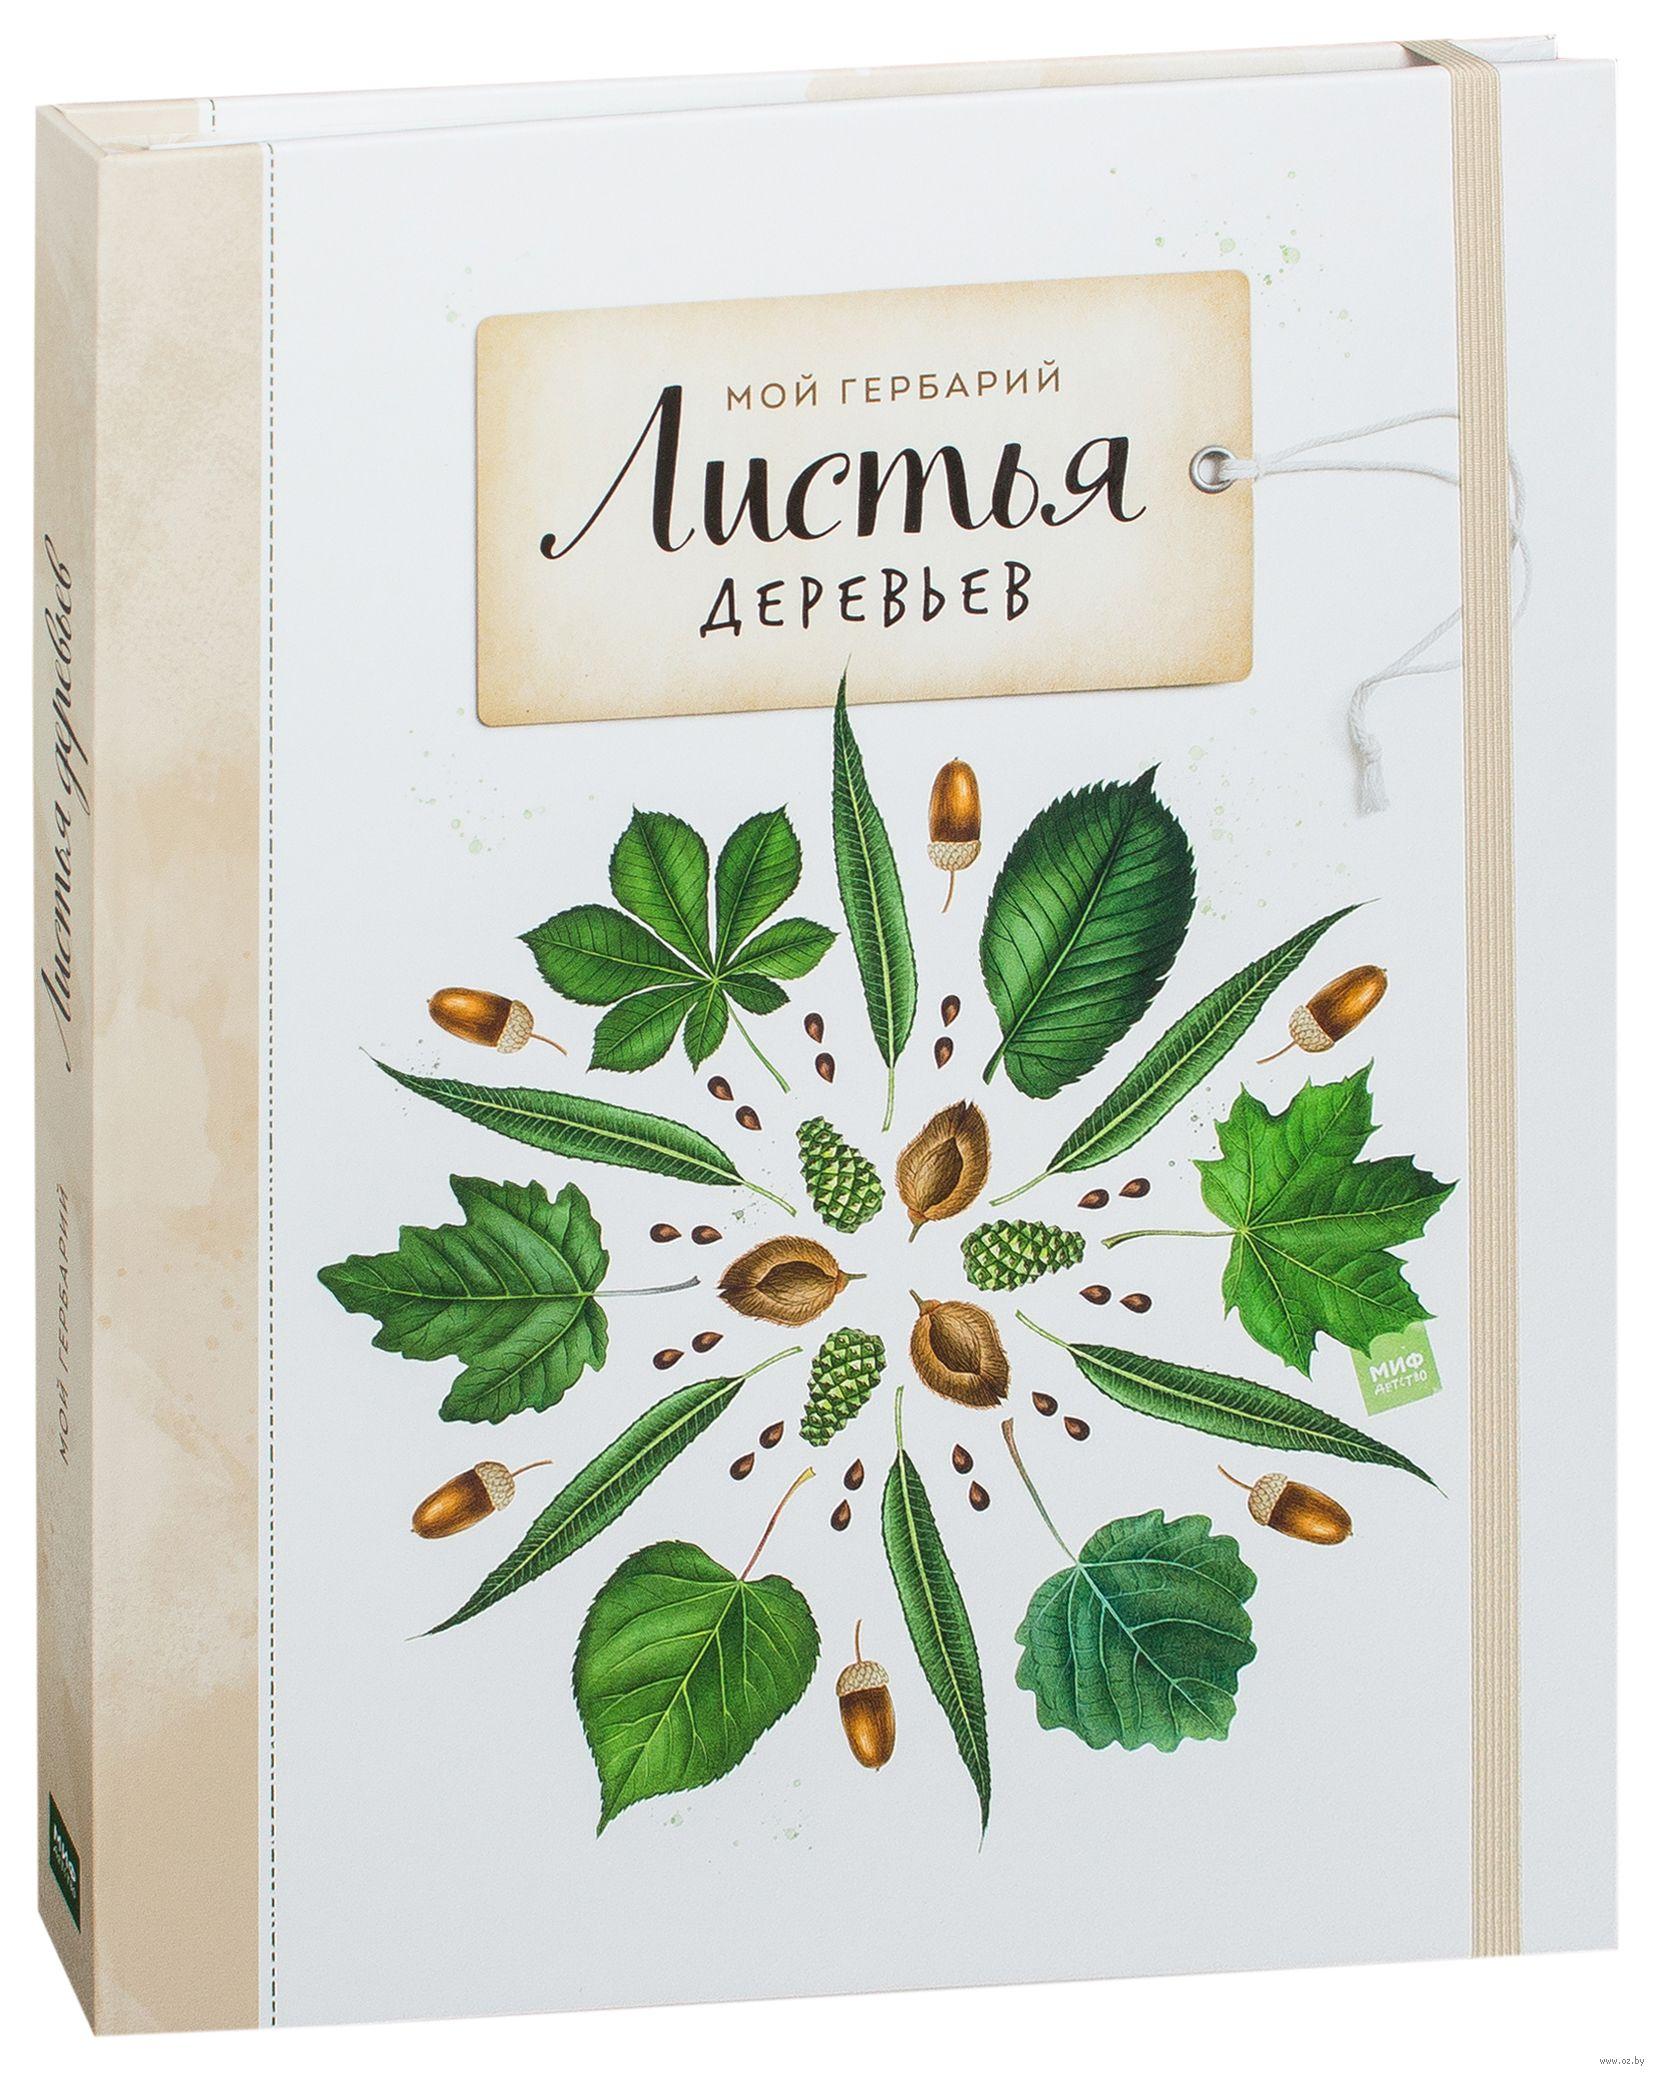 Мой гербарий. Листья деревьев» Анна Васильева - купить книгу «Мой ... 45fce482ef6